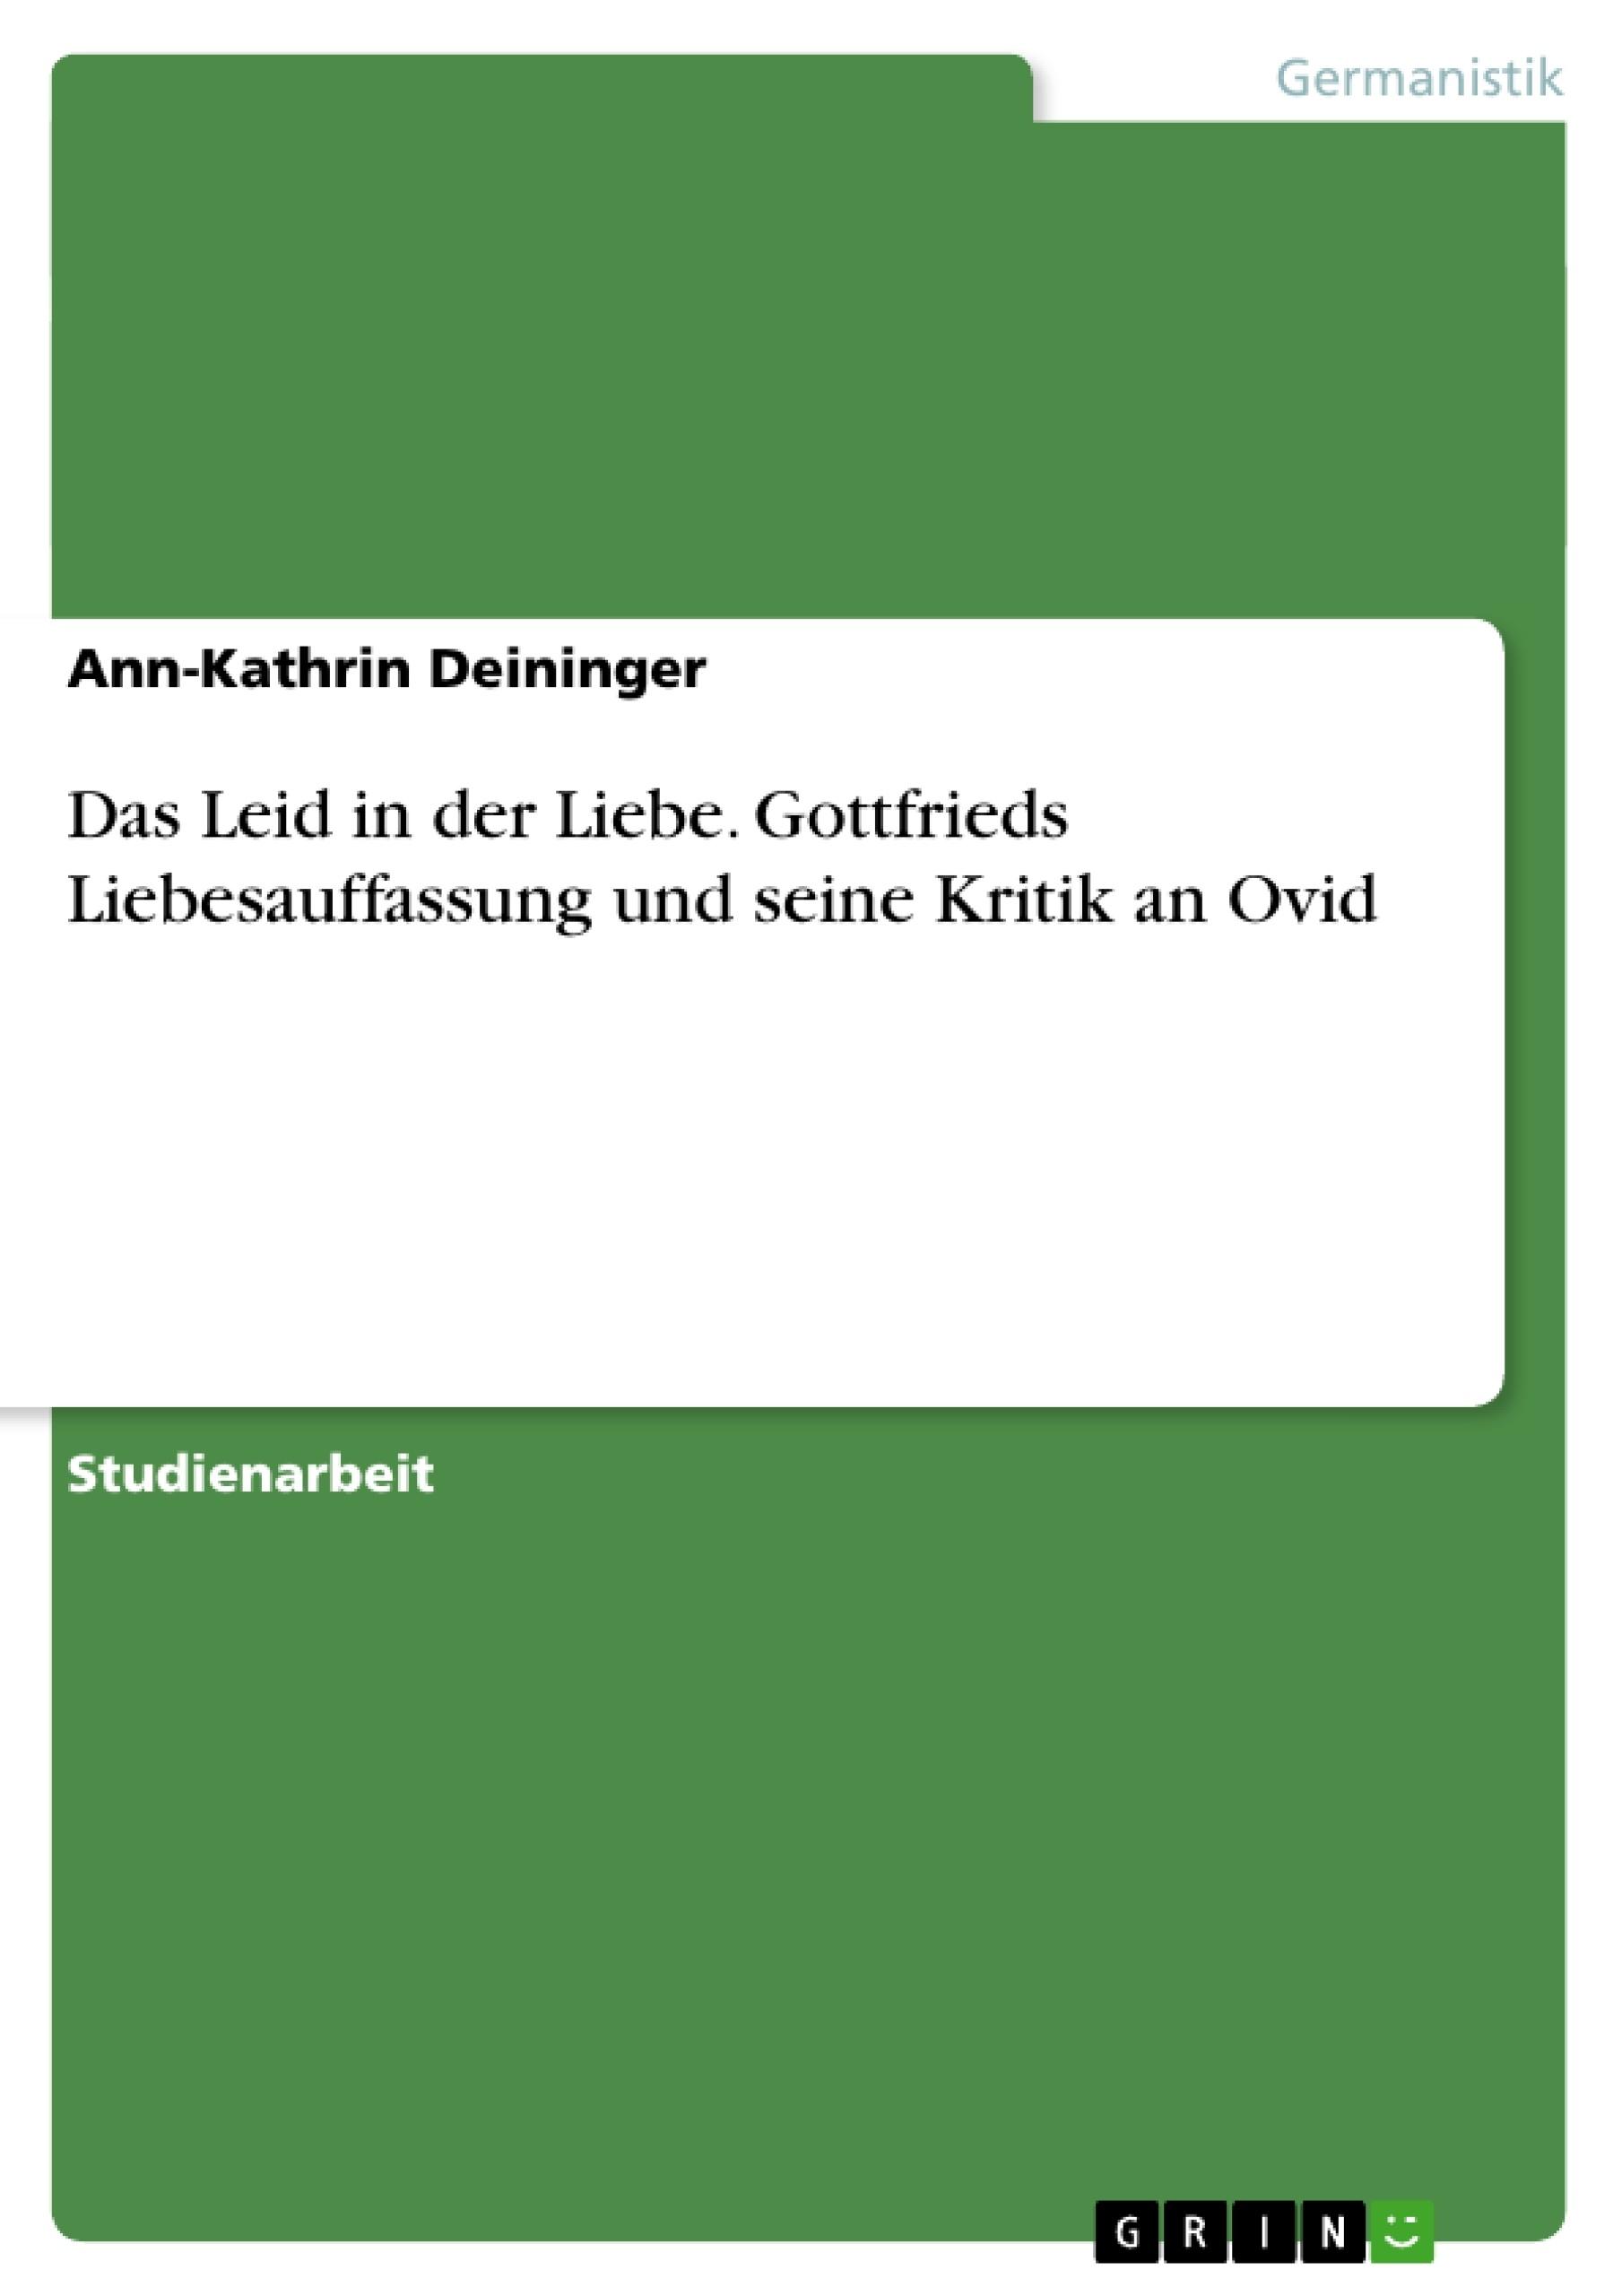 Titel: Das Leid in der Liebe. Gottfrieds Liebesauffassung und seine Kritik an Ovid